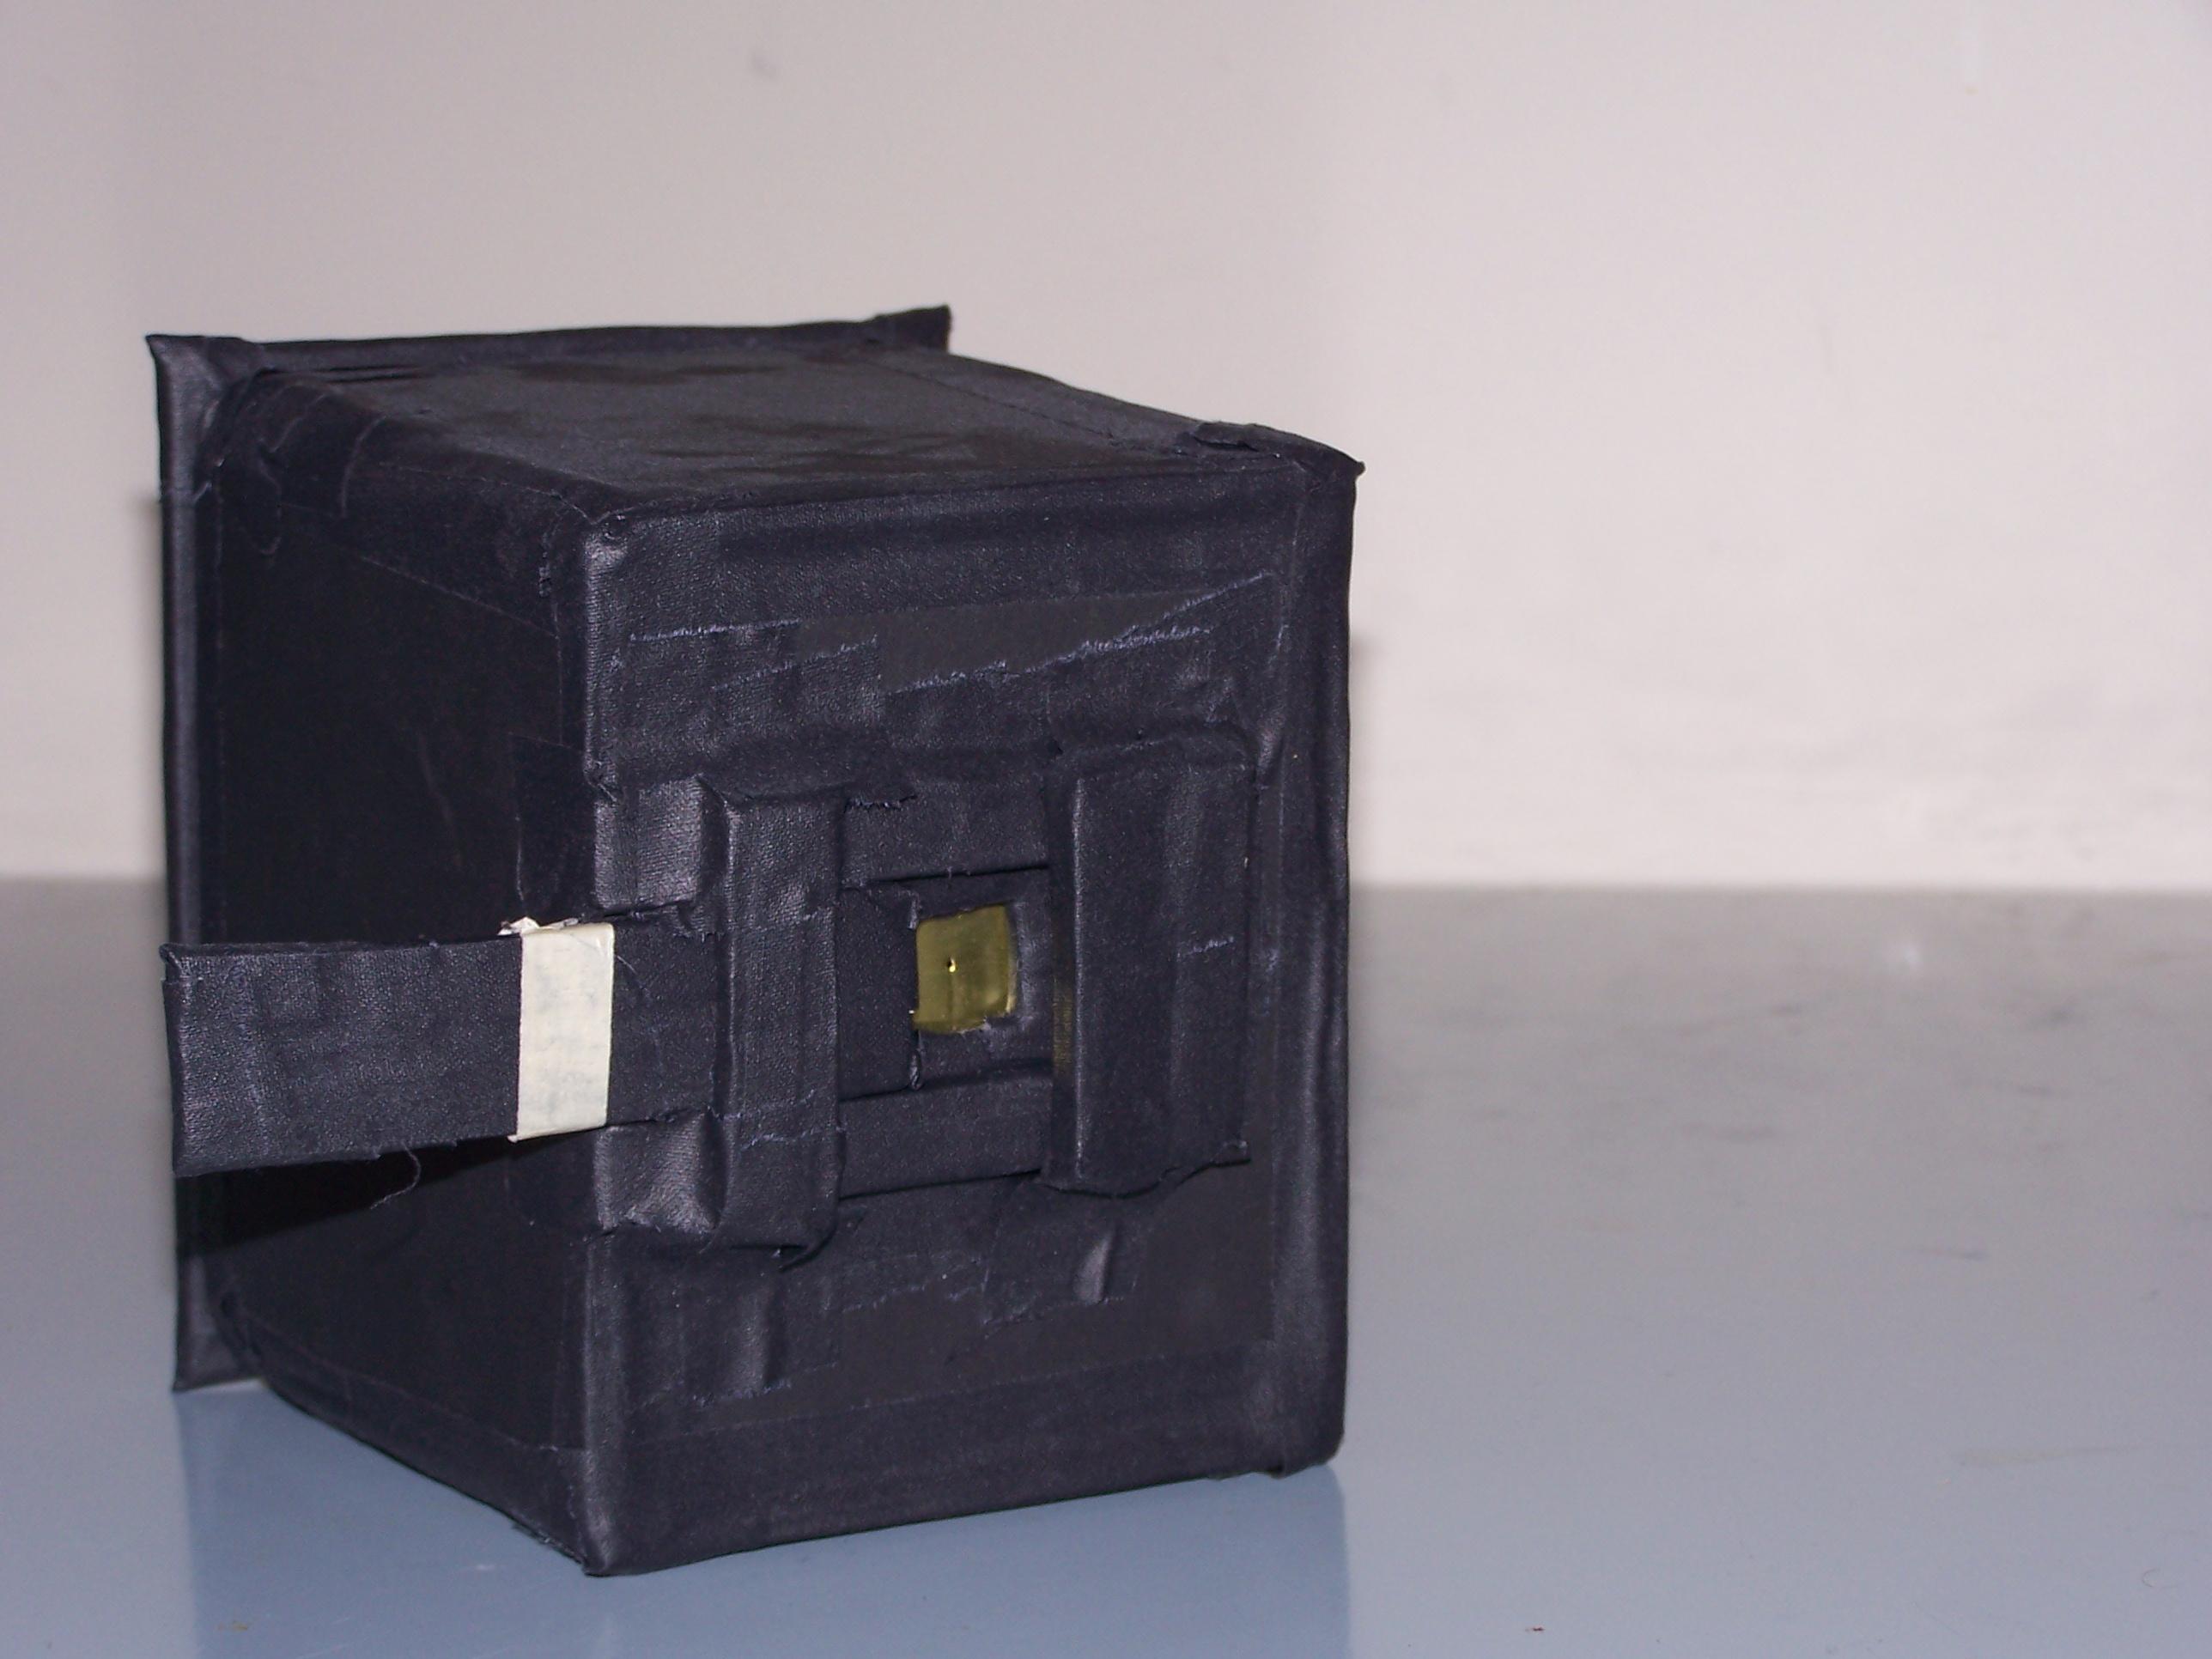 4x5BCamera